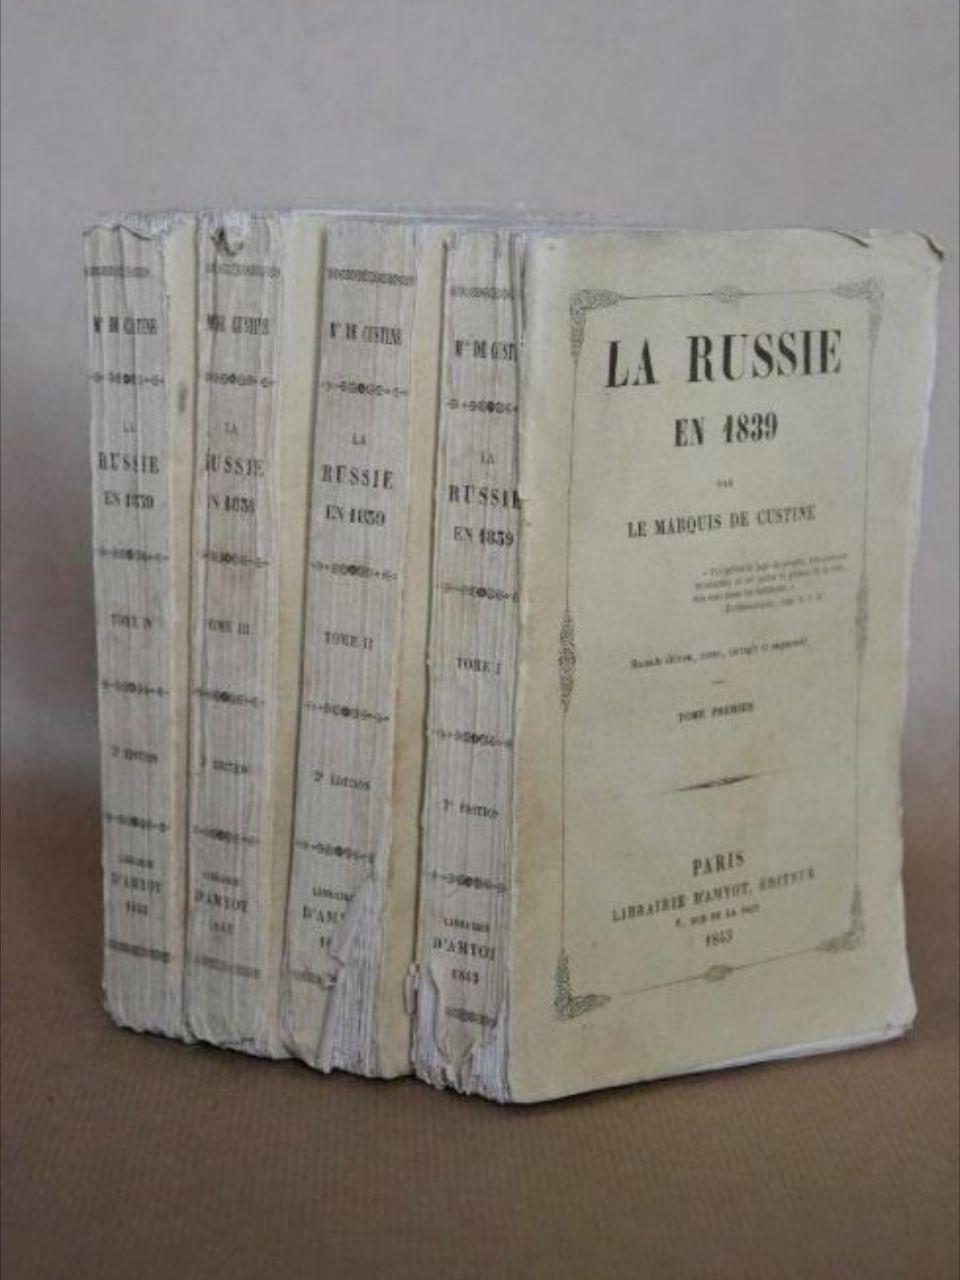 Publicado por primera vez enFrancia en 1843, fue un polémicobestsellerde la época, cuya impronta perdura aún en la imagen de Rusia acuñada en Occidente